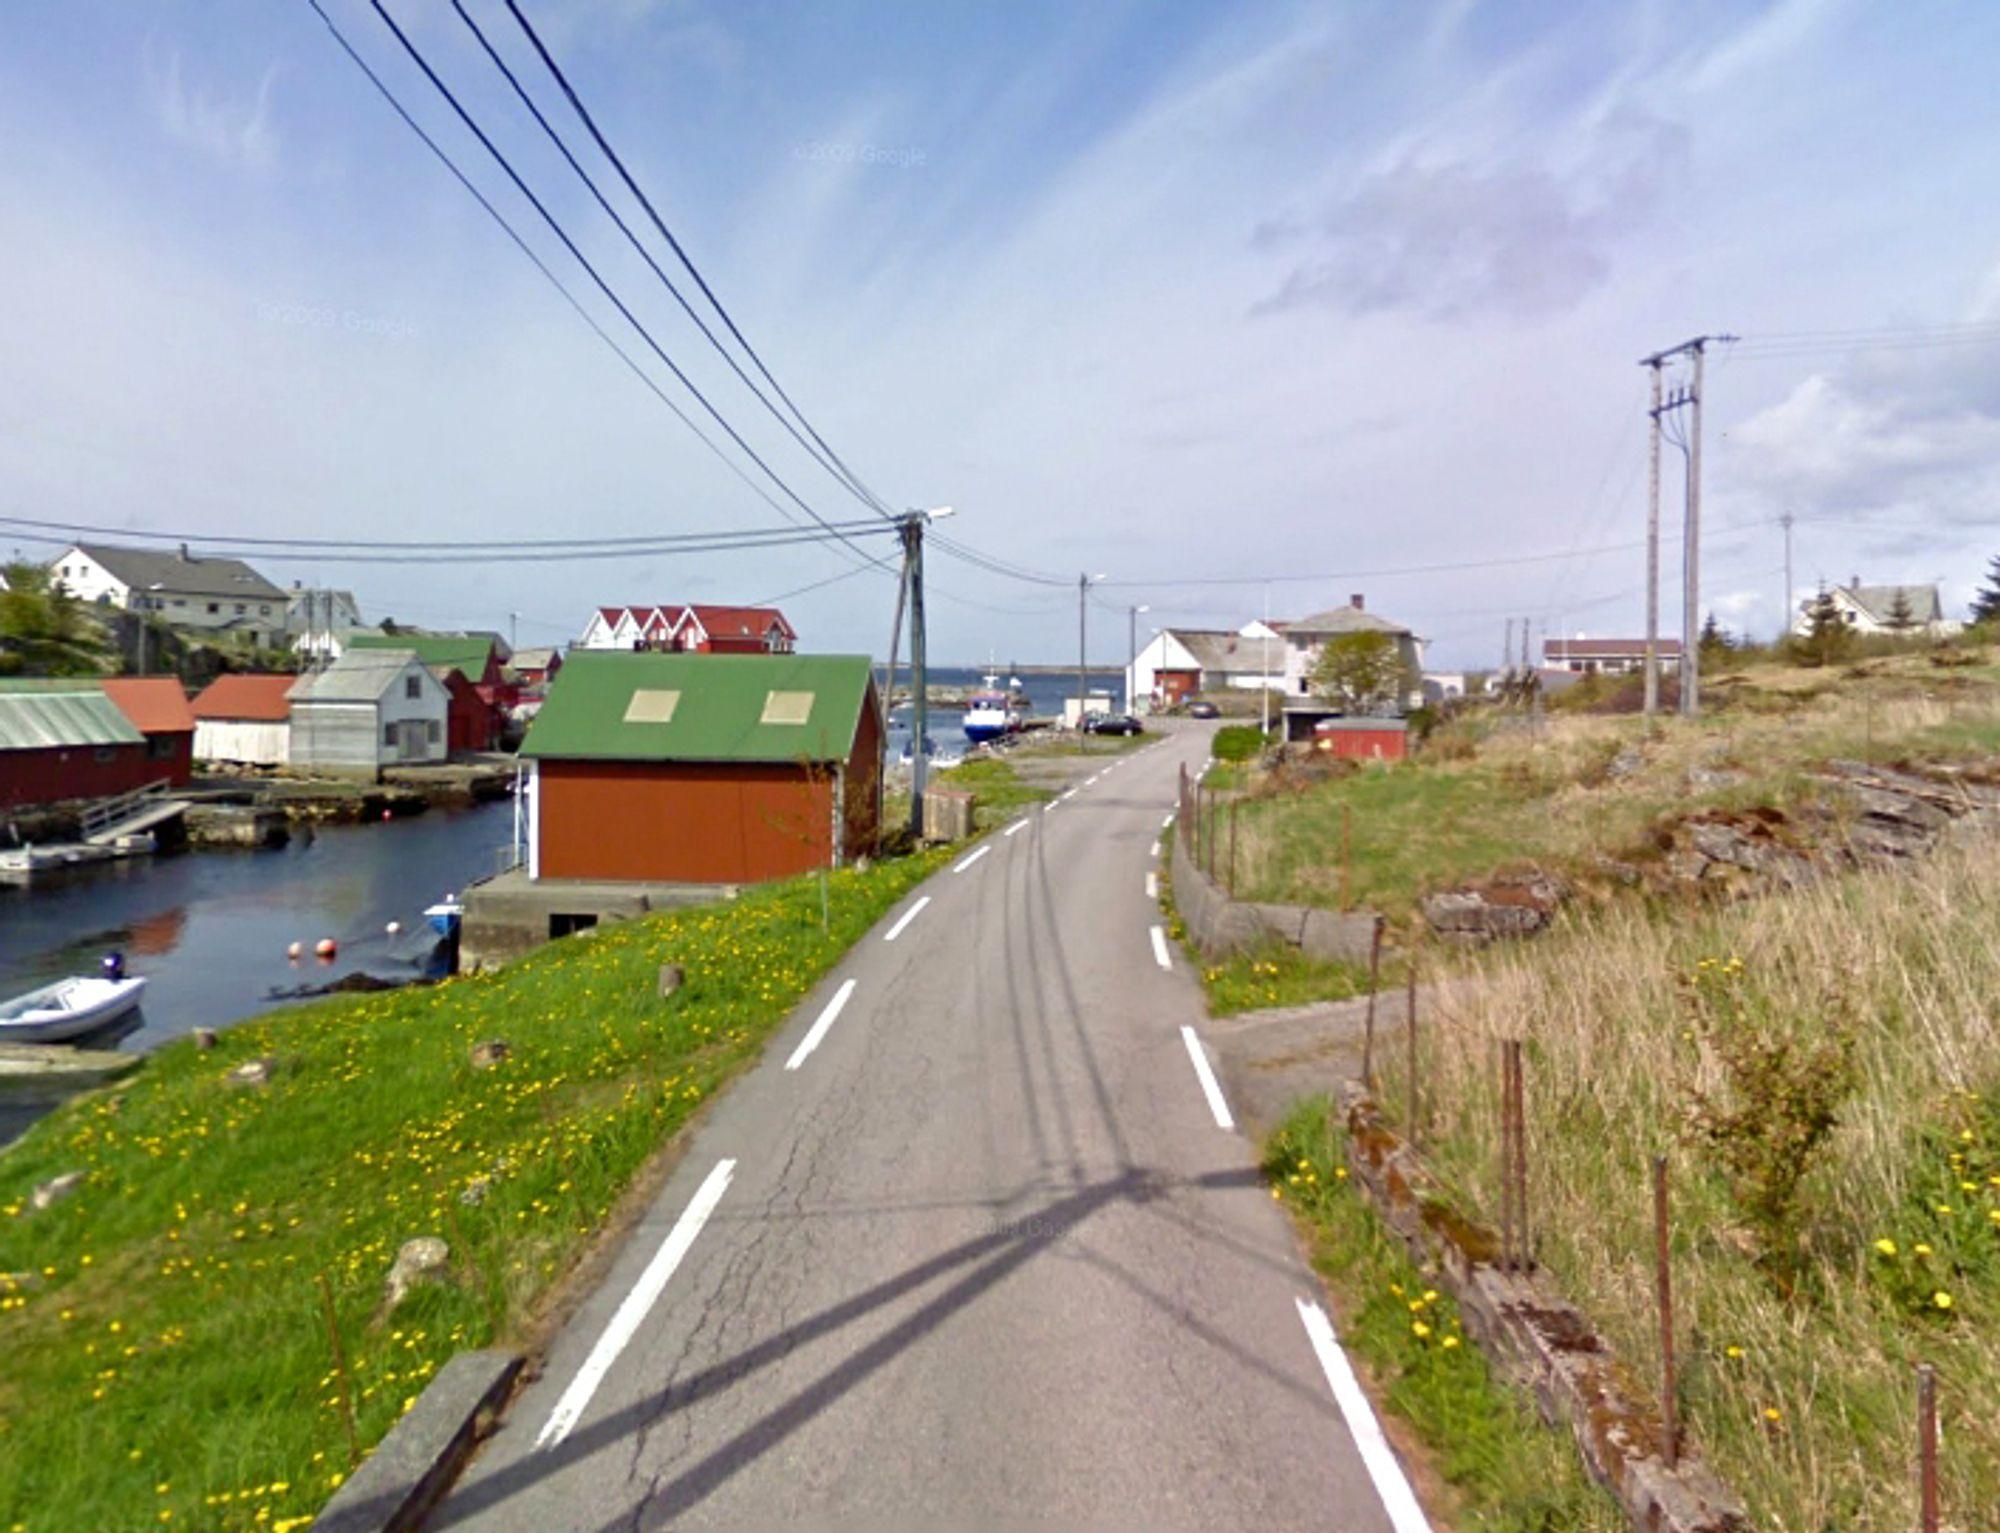 Den som får kontrakten for området ASOLA, får ansvar for fylkesveg 229 i Øygarden kommune. Den har en beskjeden standard helt ytterst mot havet lengst i nord.